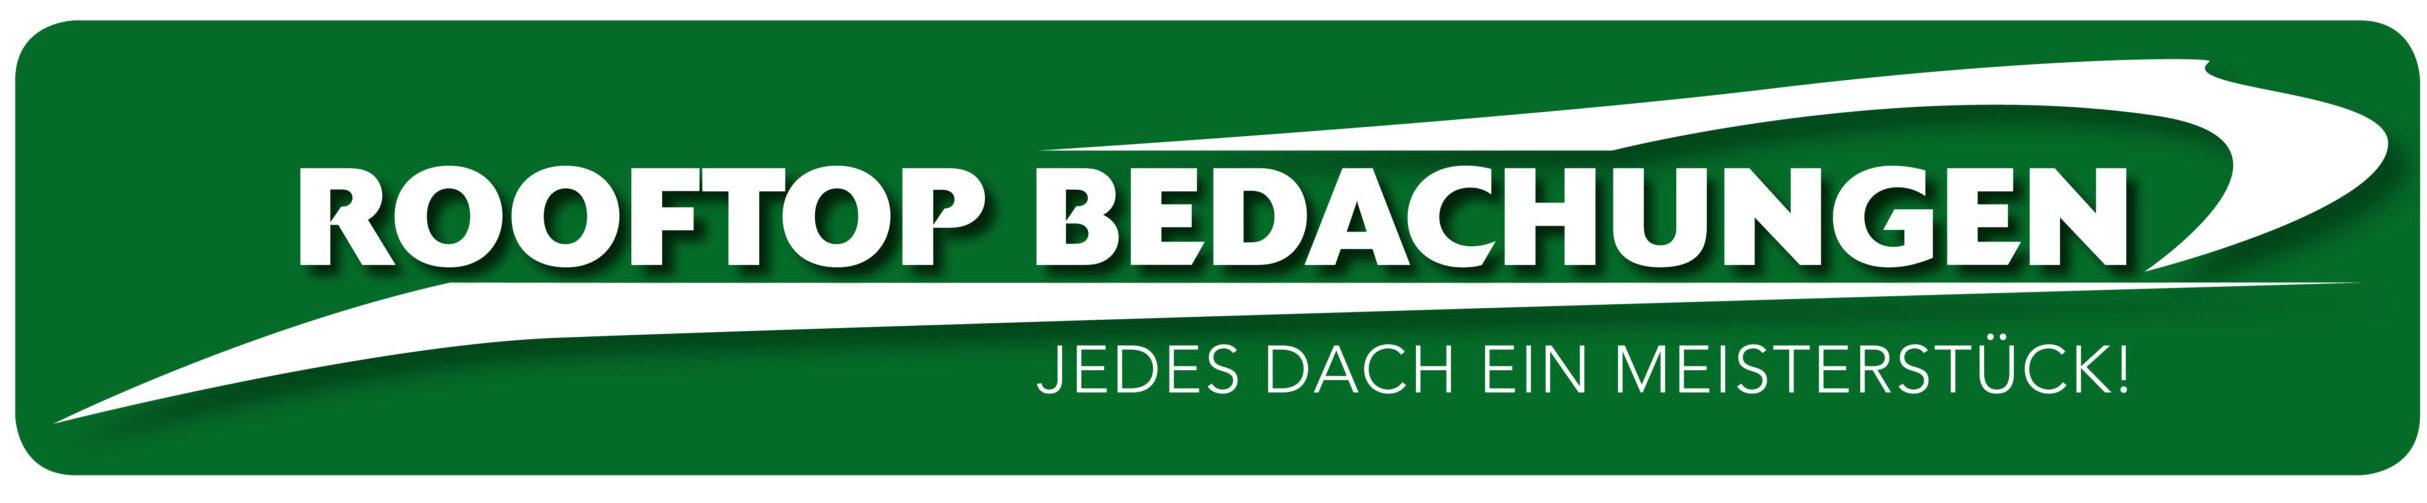 Rooftop Bedachungen GmbH